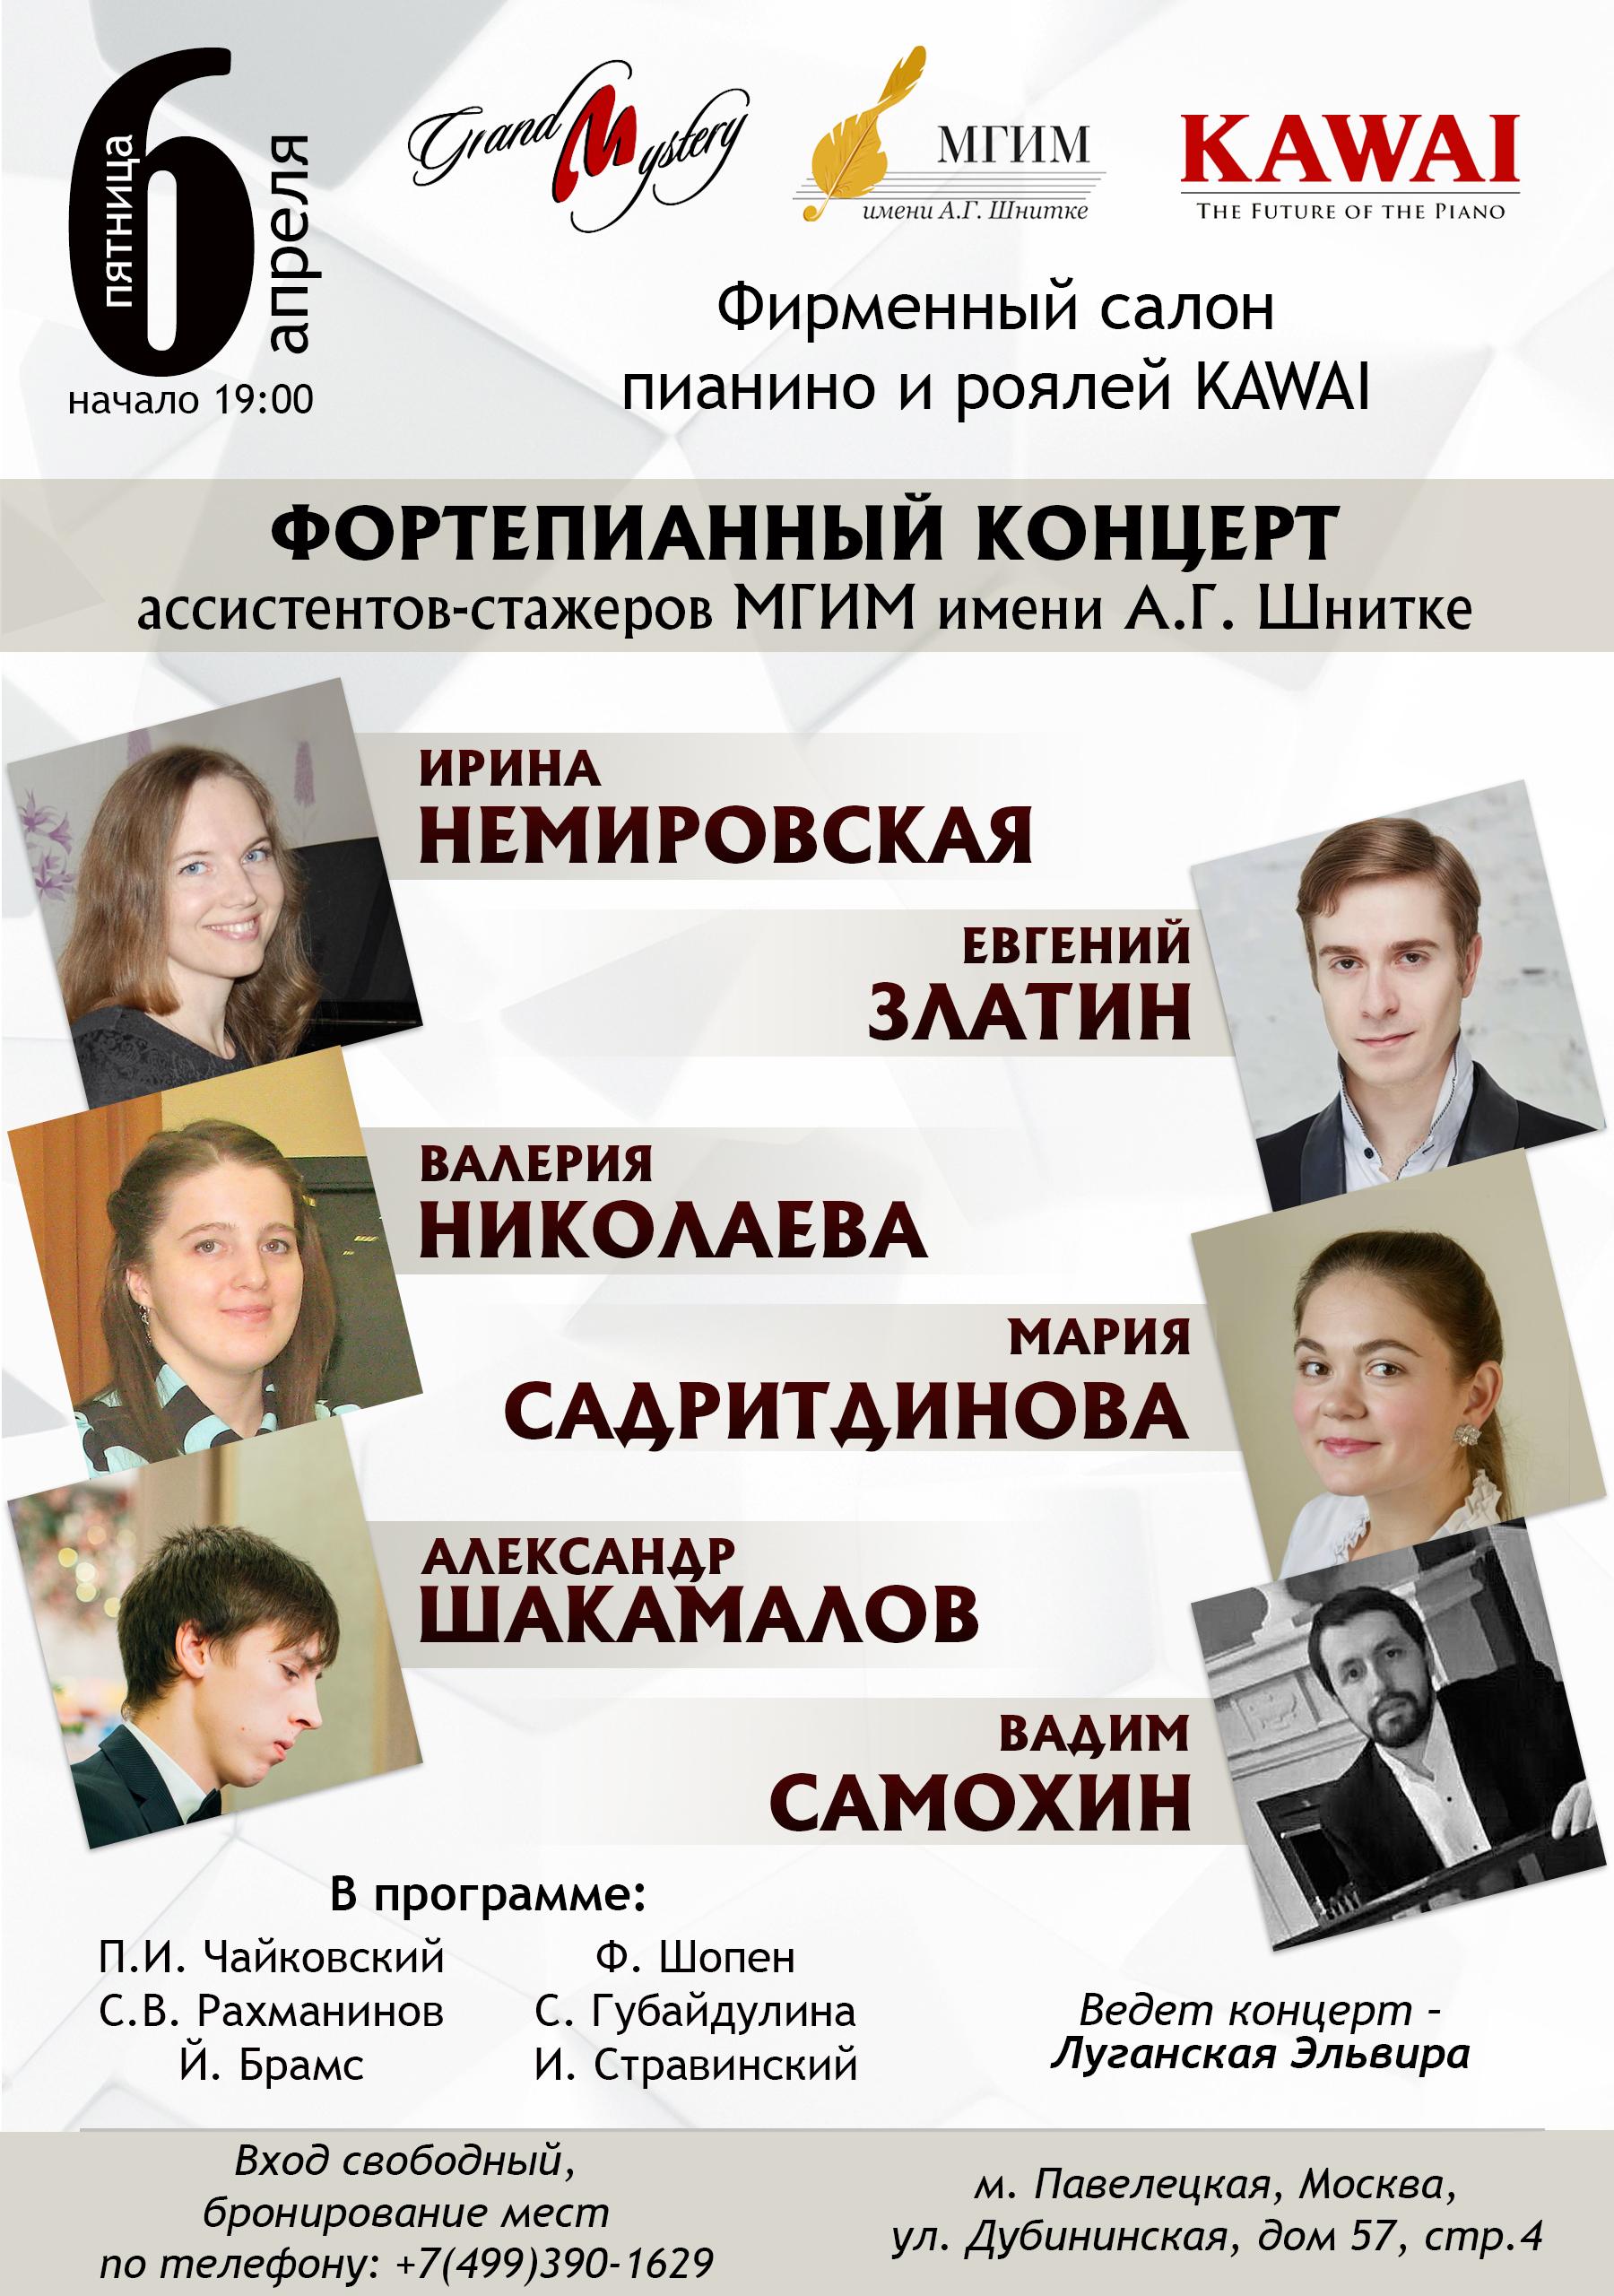 Фортепианный концерт ассистентов-стажеров МГИМ им. Шнитке